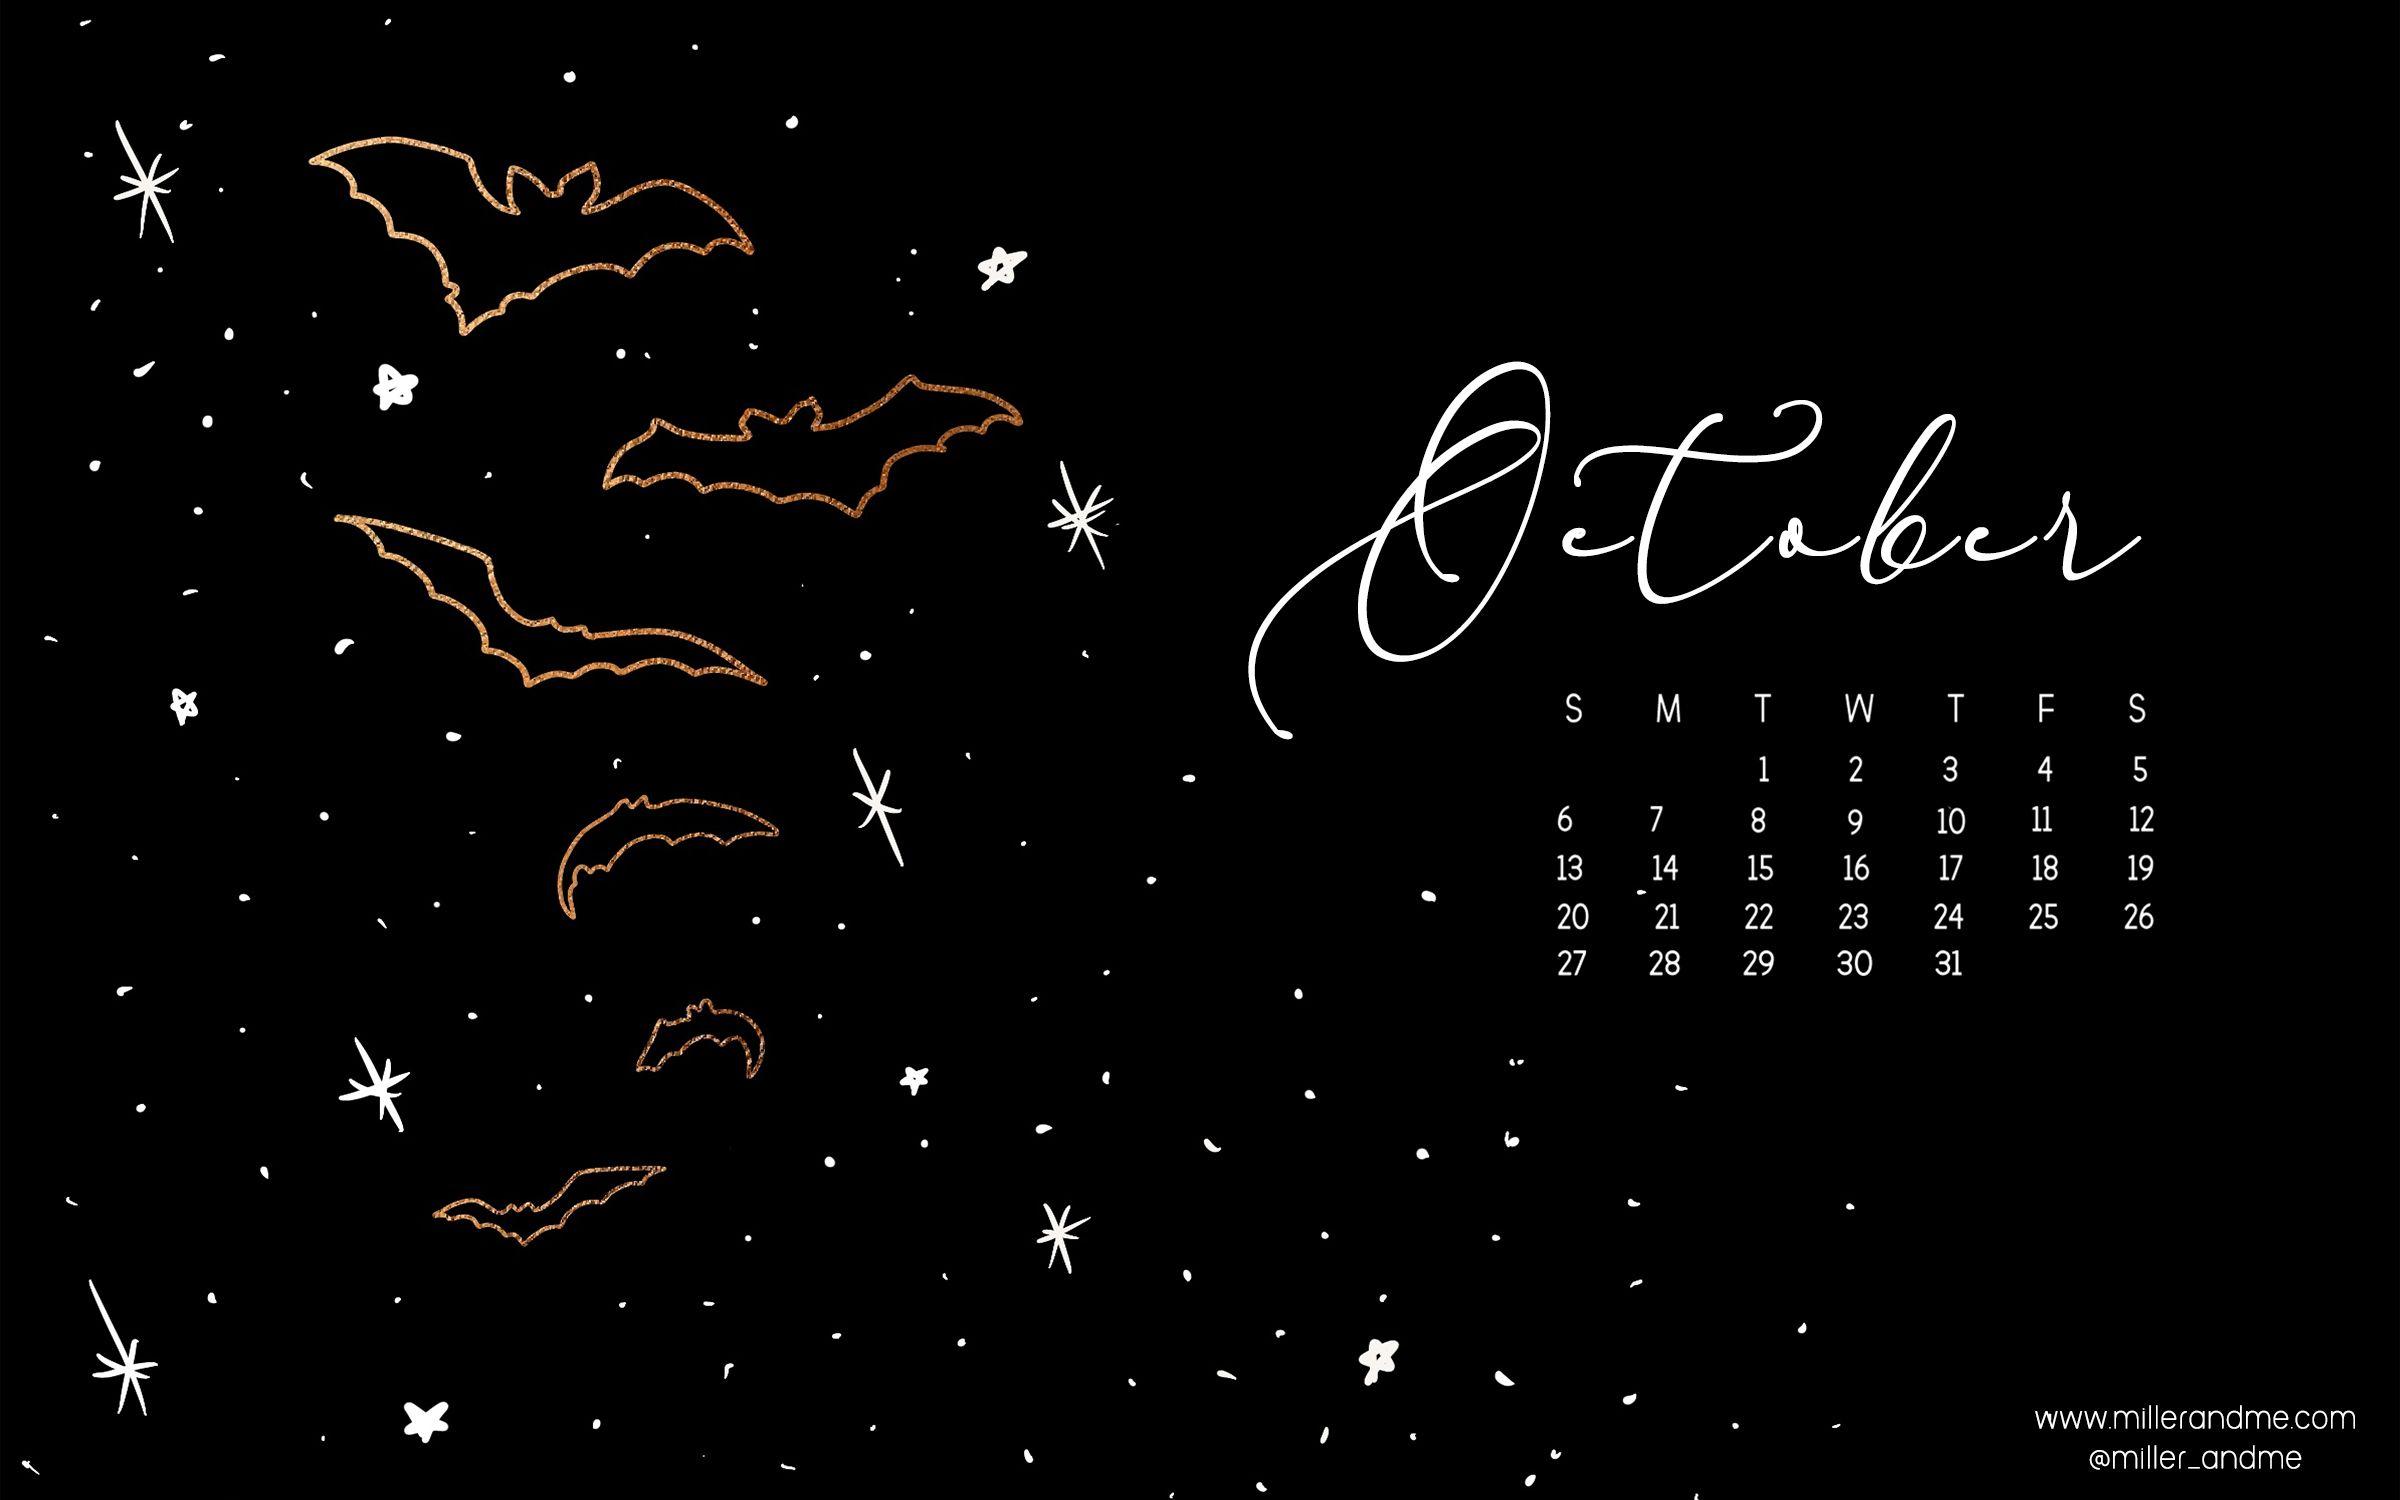 October Halloween Desktop Wallpaper Cute Desktop Wallpaper Halloween Desktop Wallpaper Halloween Wallpaper Cute